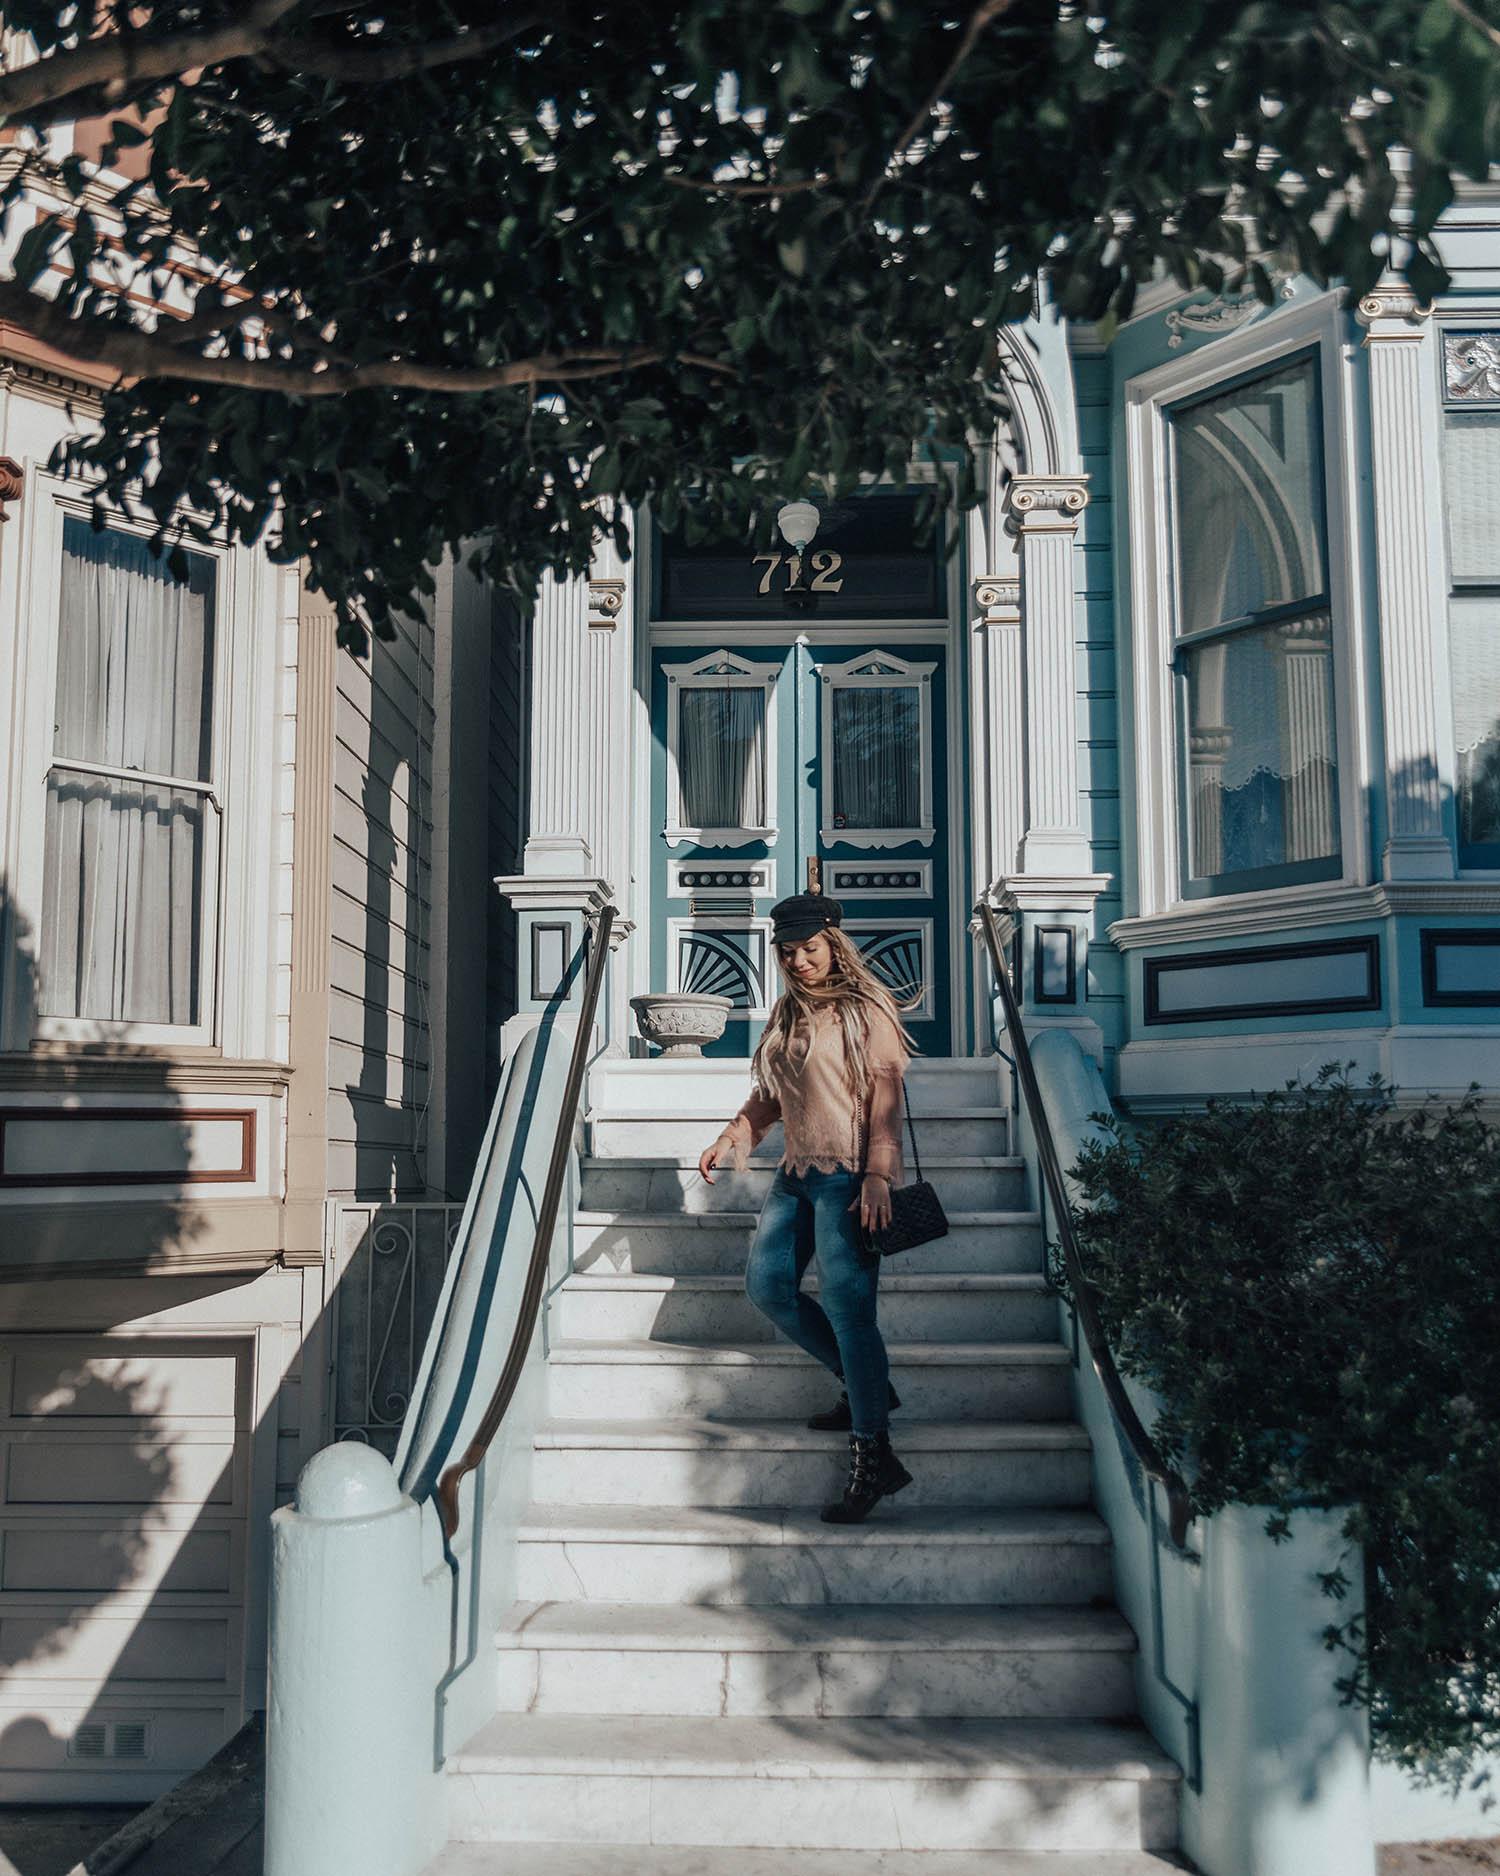 Adaras vid Painted Ladies - Instagramvänliga platser i San Francisco